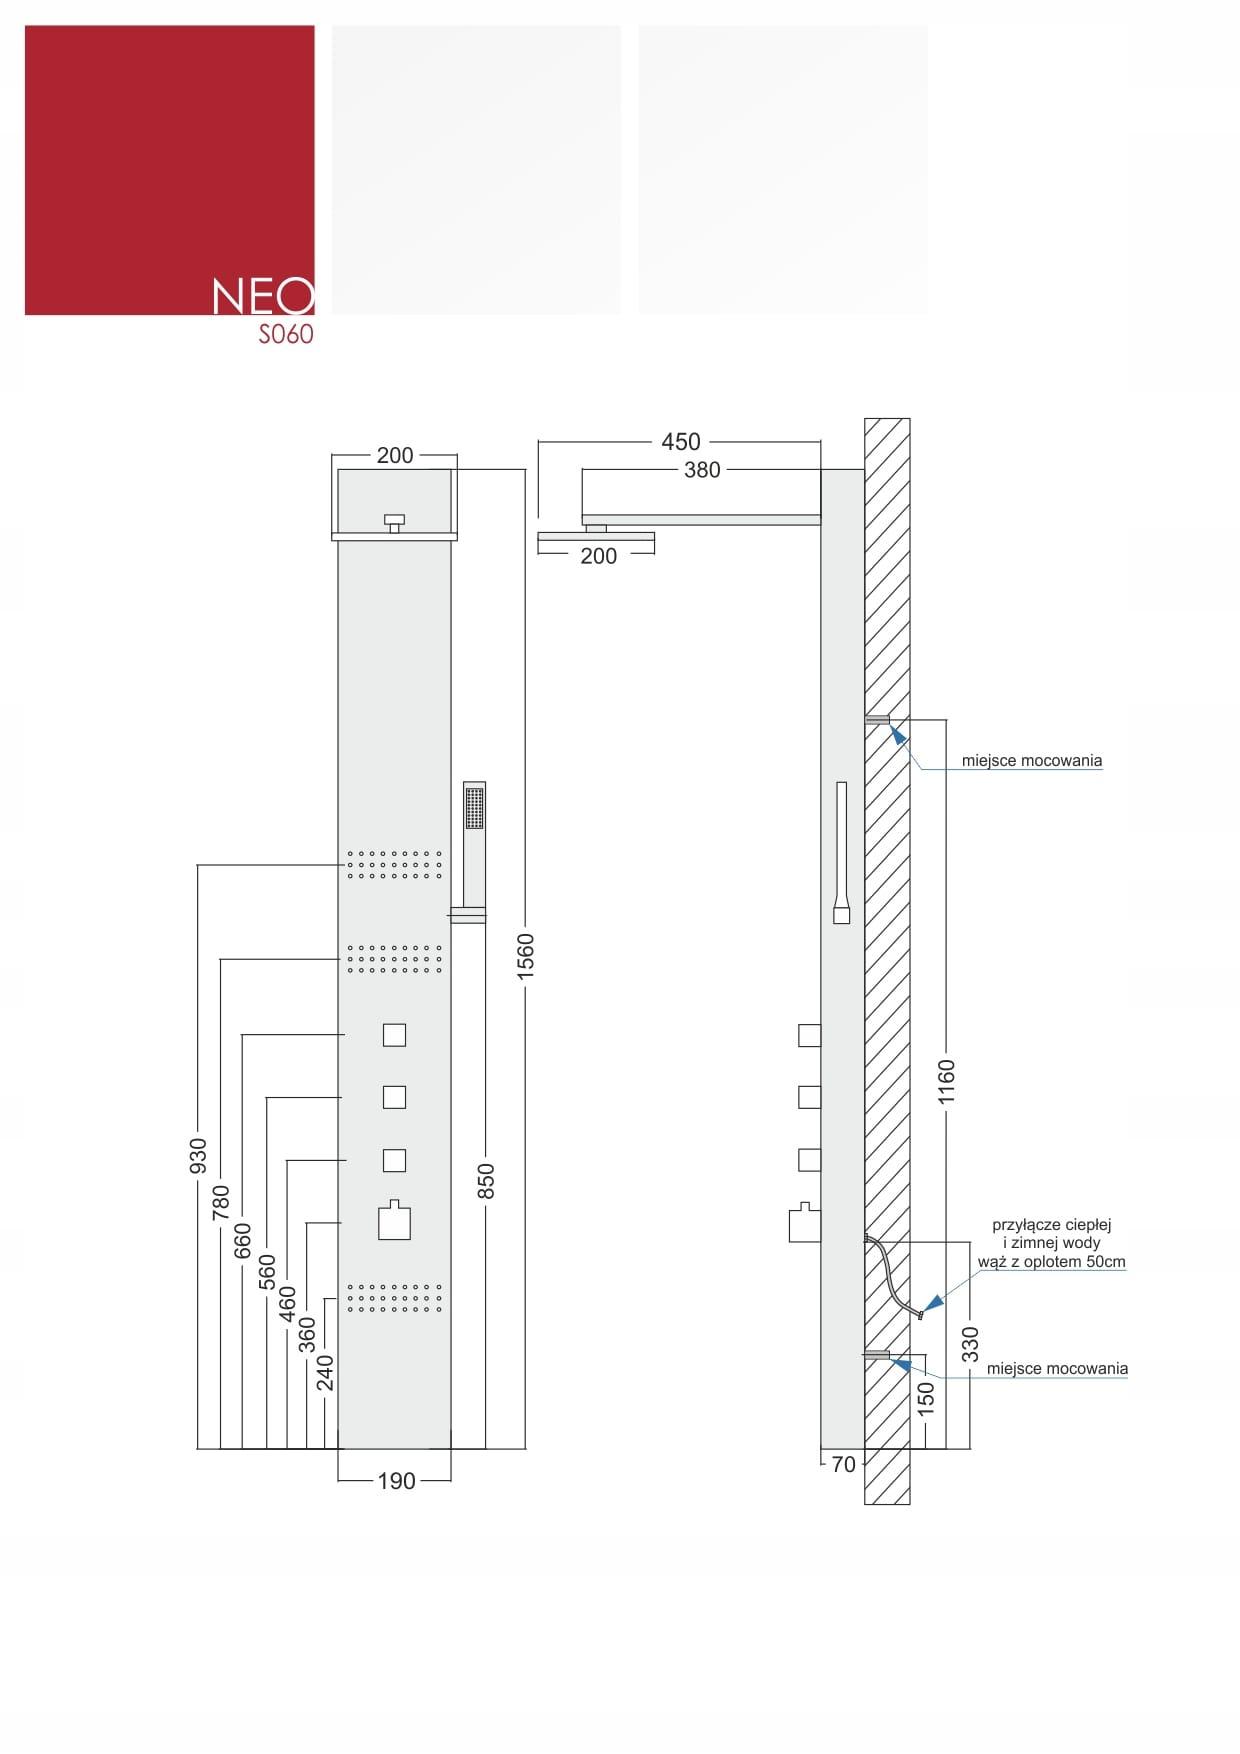 stalowy-panel-prysznicowy-corsan-neo-led-z-oświetleniem-wymiary.jpeg